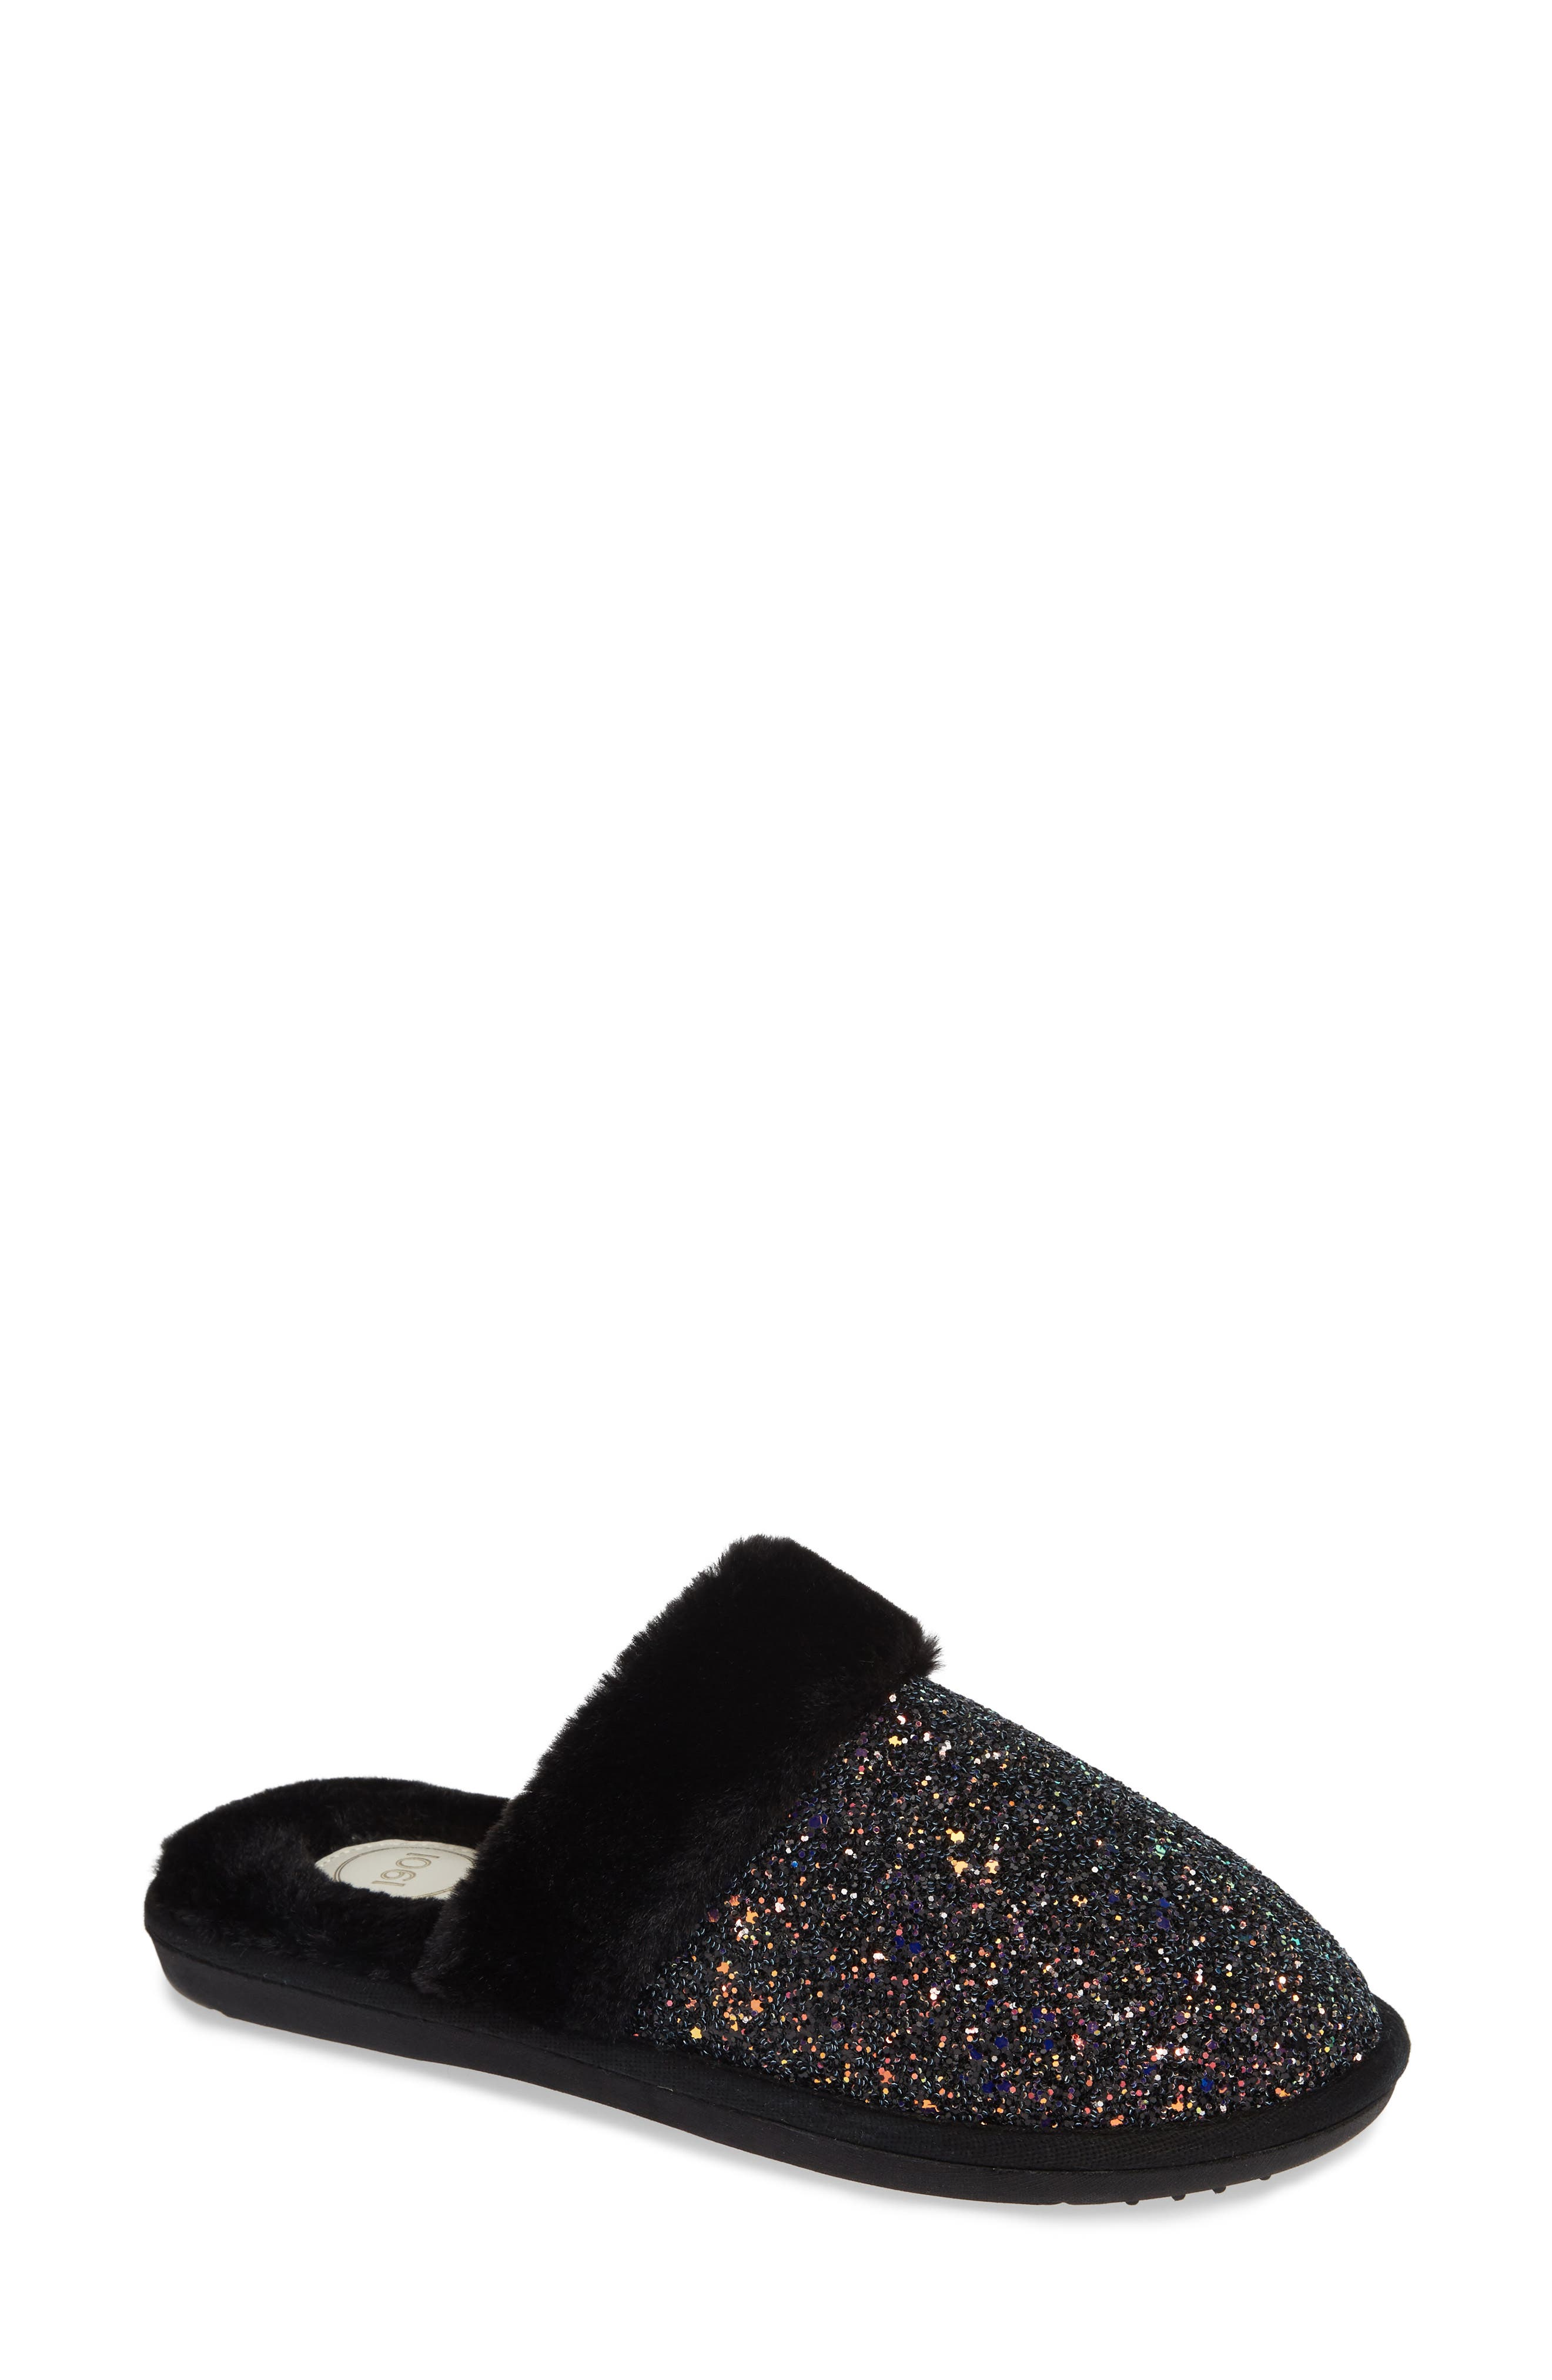 Briggs Scuff Slipper,                         Main,                         color, BLACK GLITTER MULTI